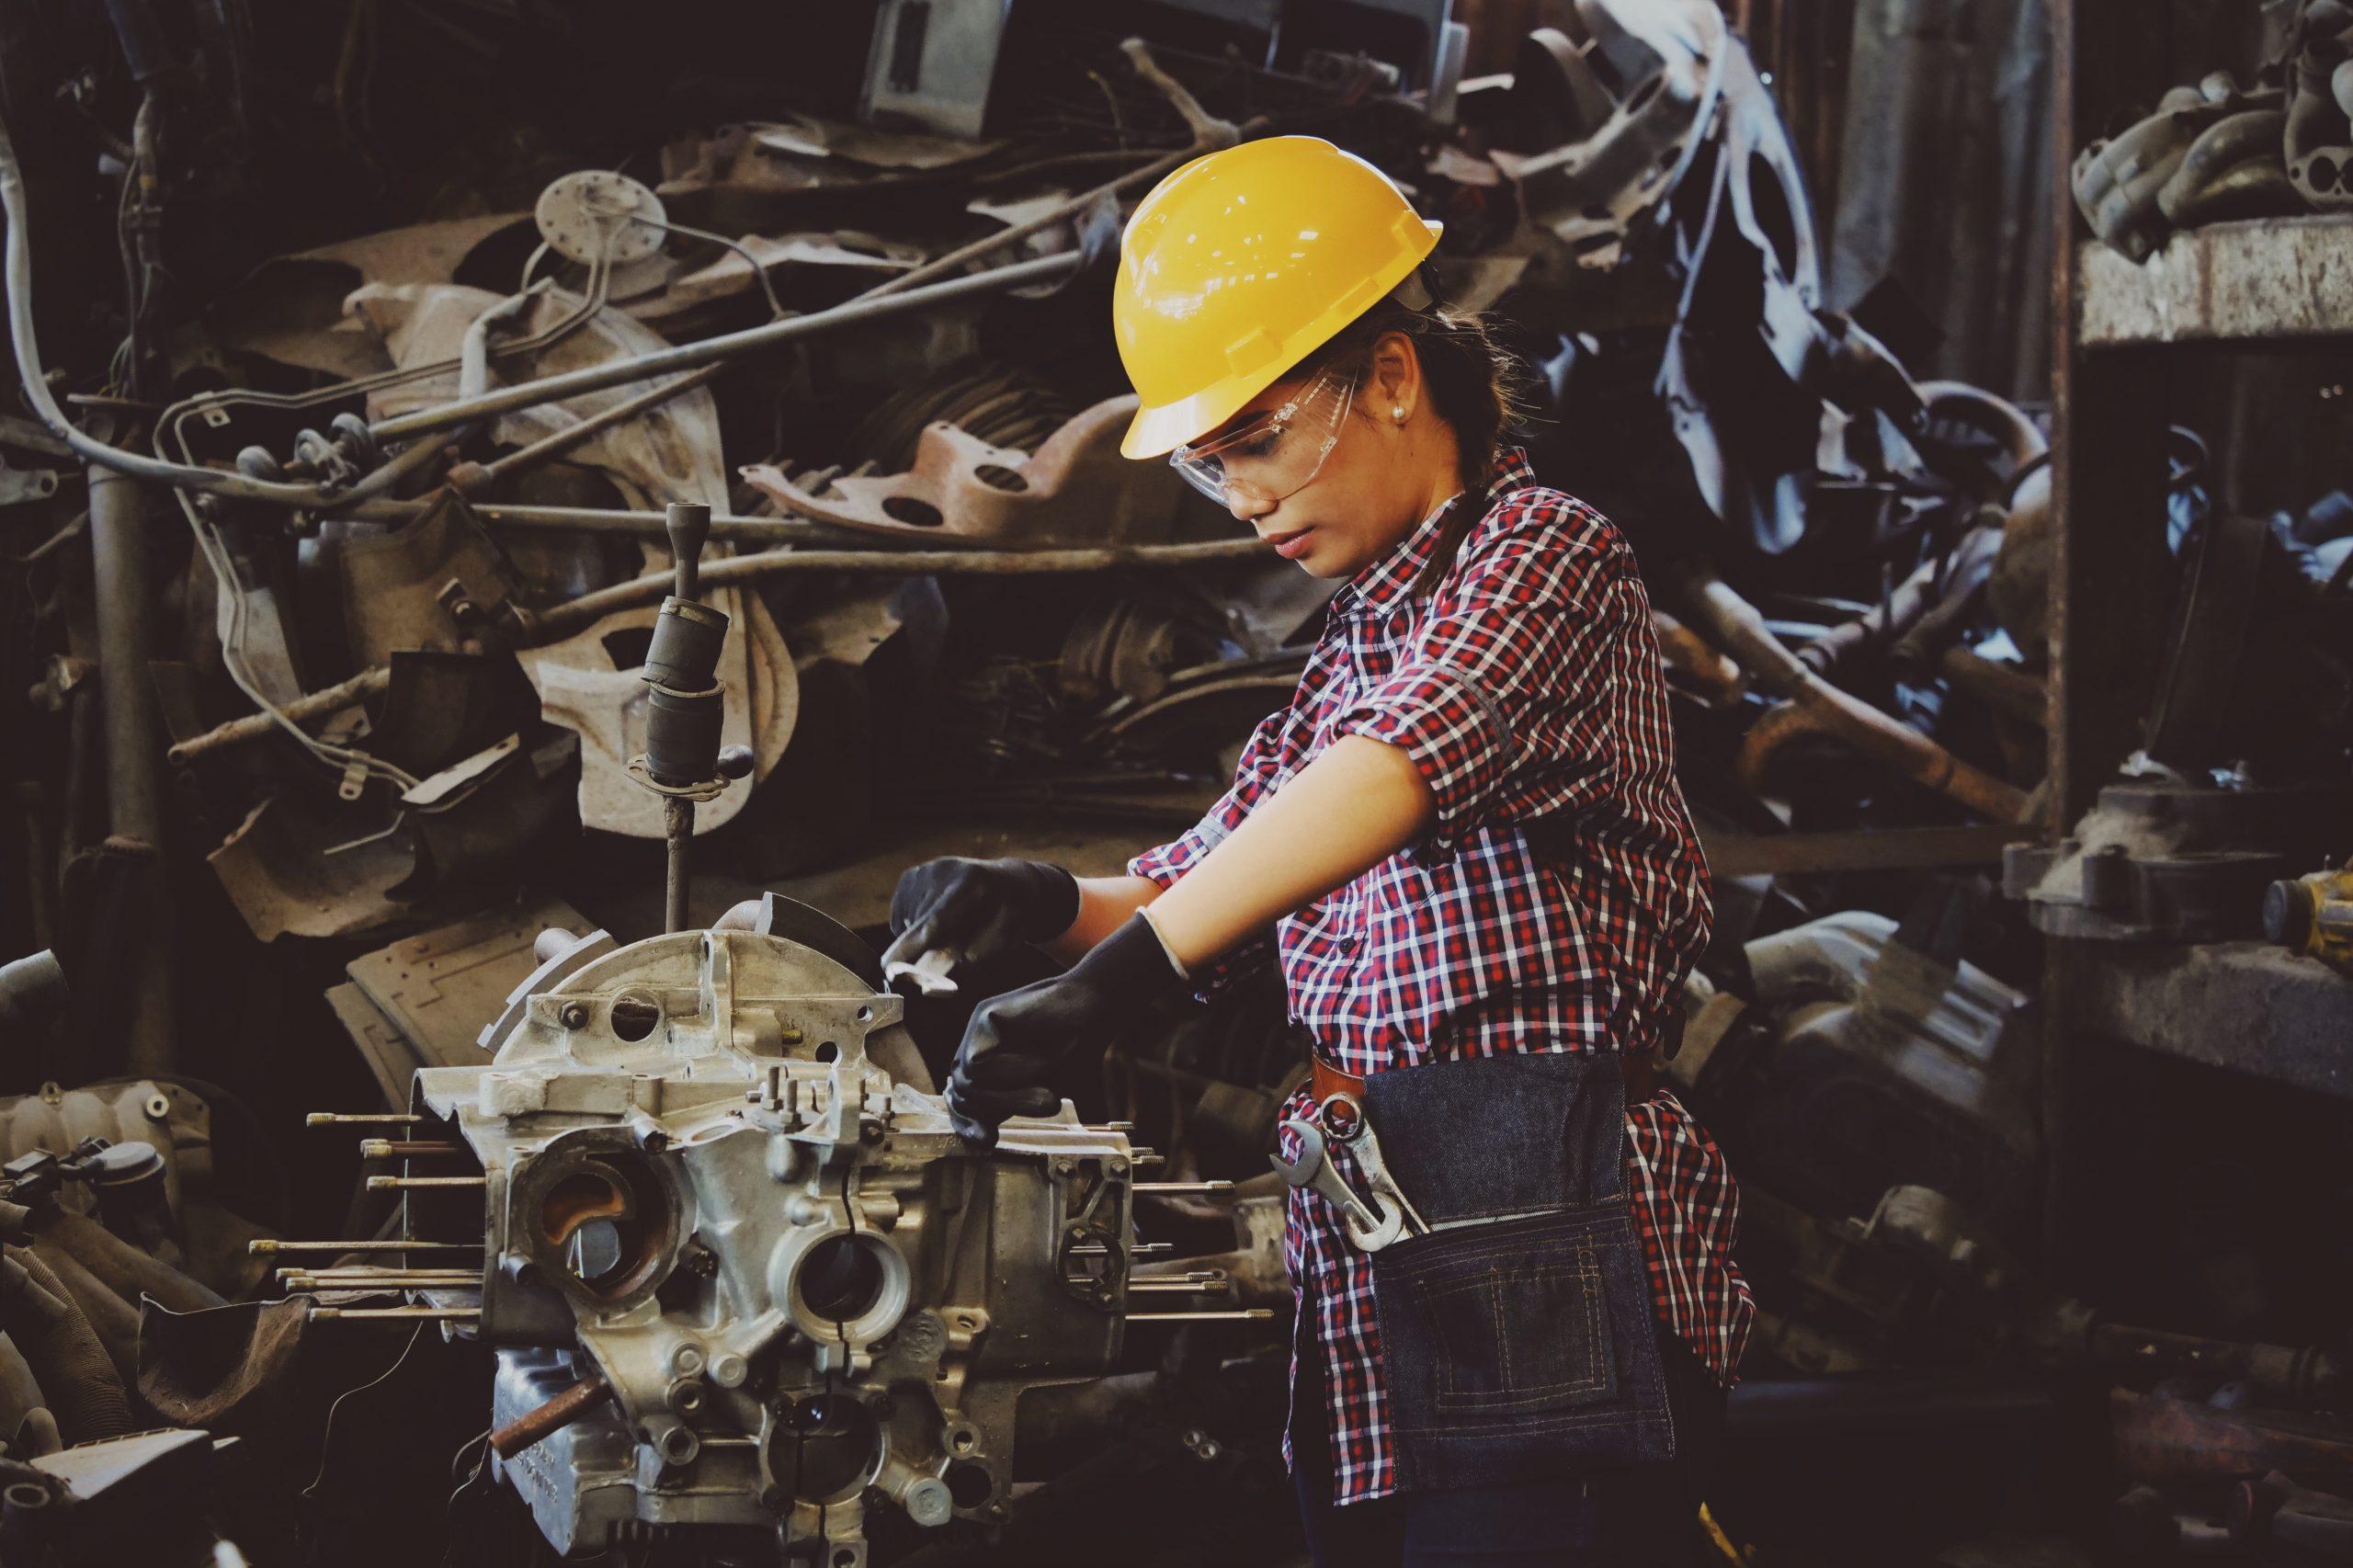 Máy móc thiết bị giúp nâng cao năng suất lao động